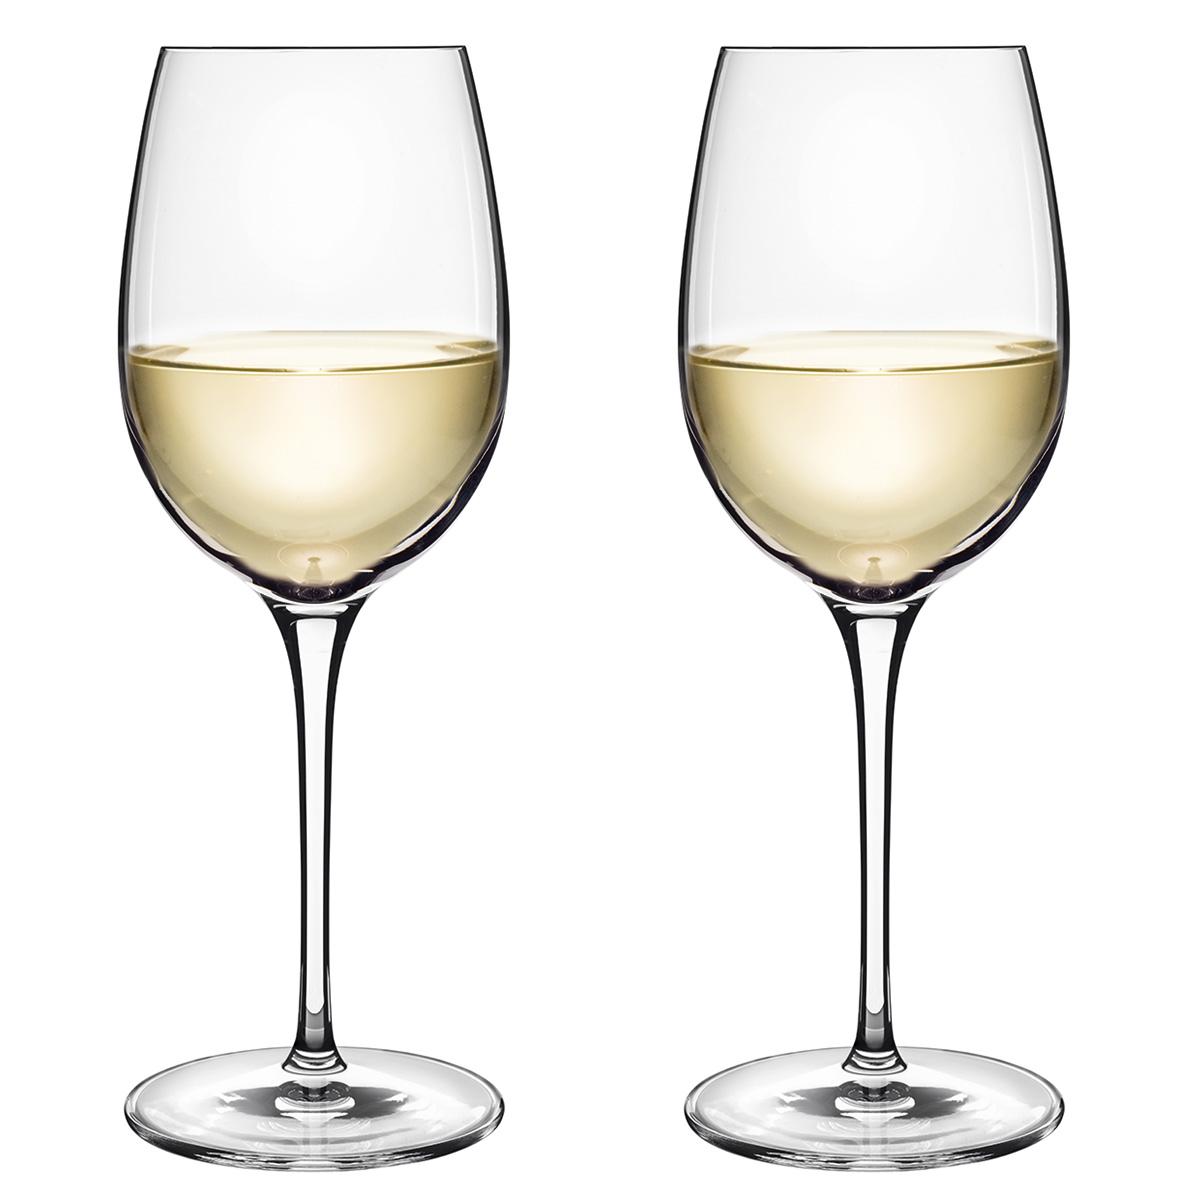 Billede af Luigi Bormioli hvidvinsglas - Vinoteque fragrante - 2 stk.